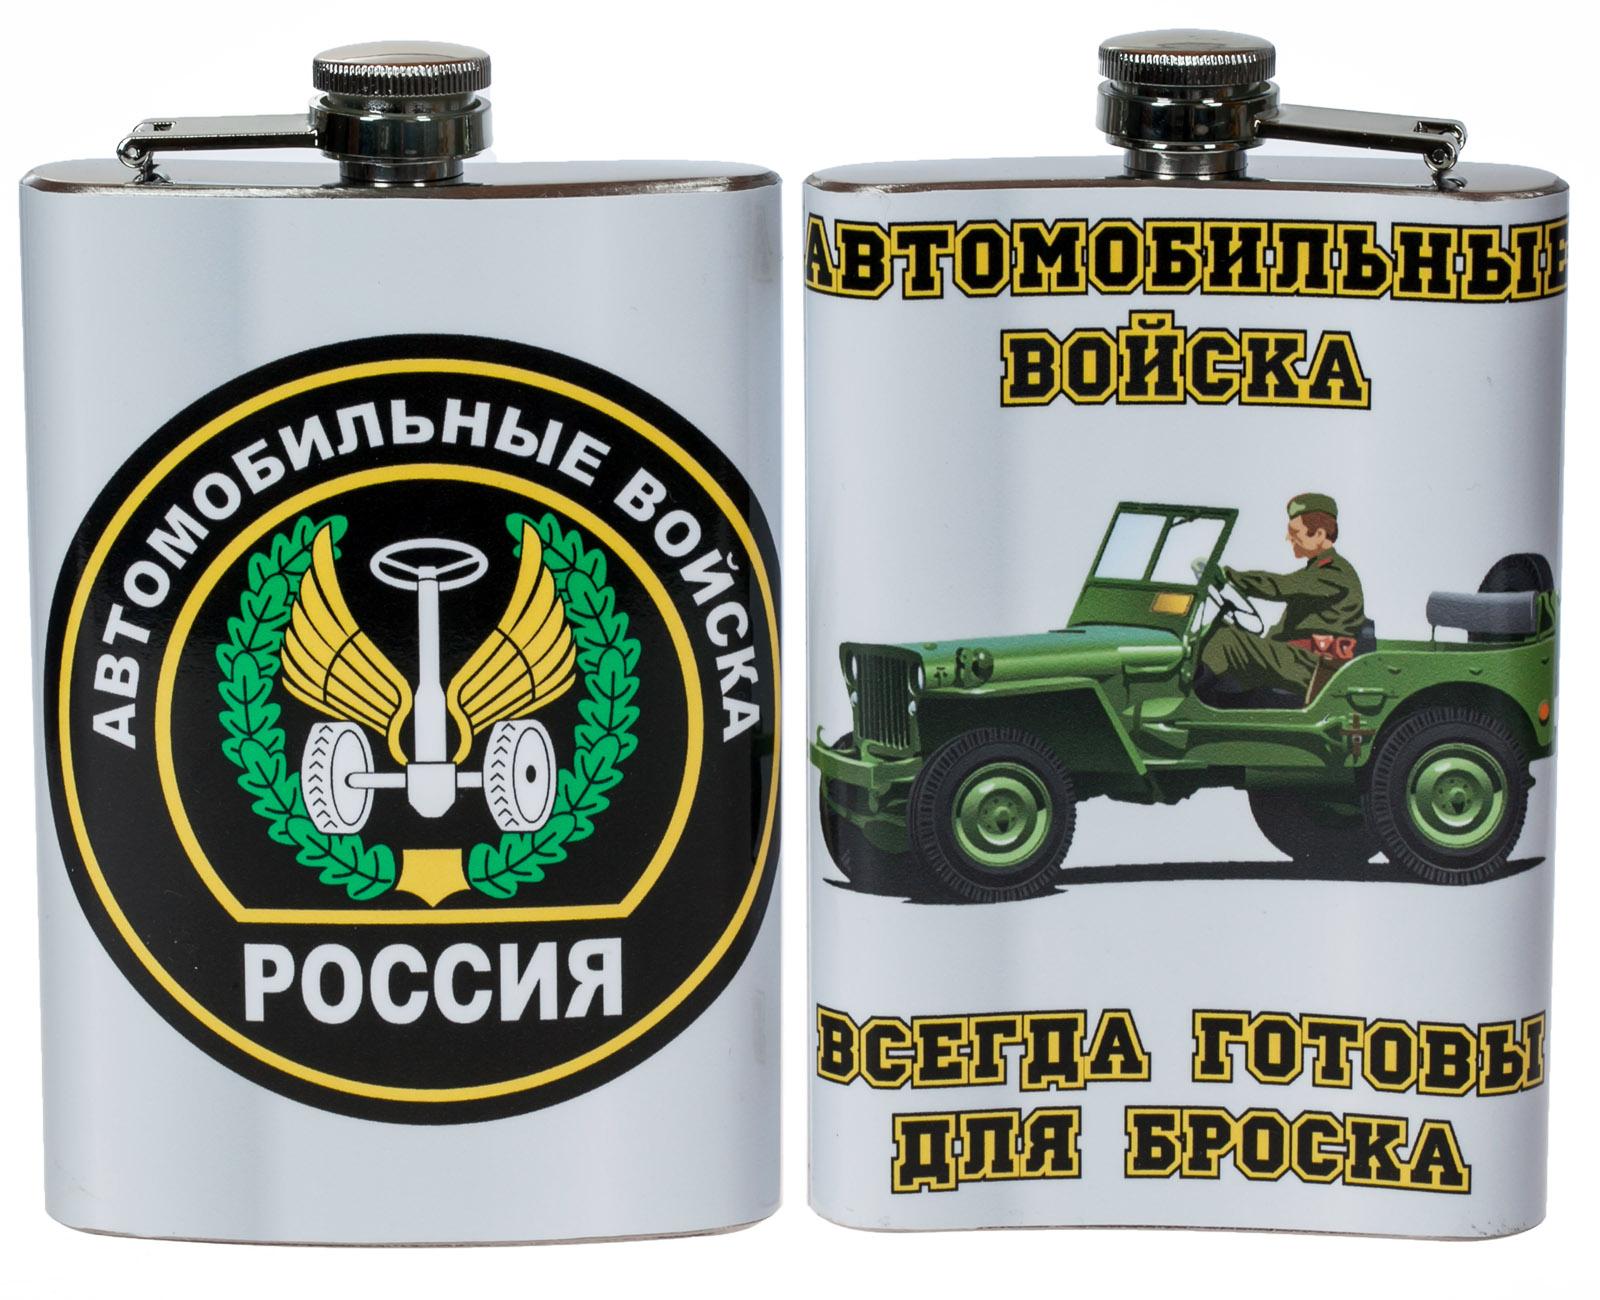 Фляжка Автомобильные Войска купит по выгодной цене